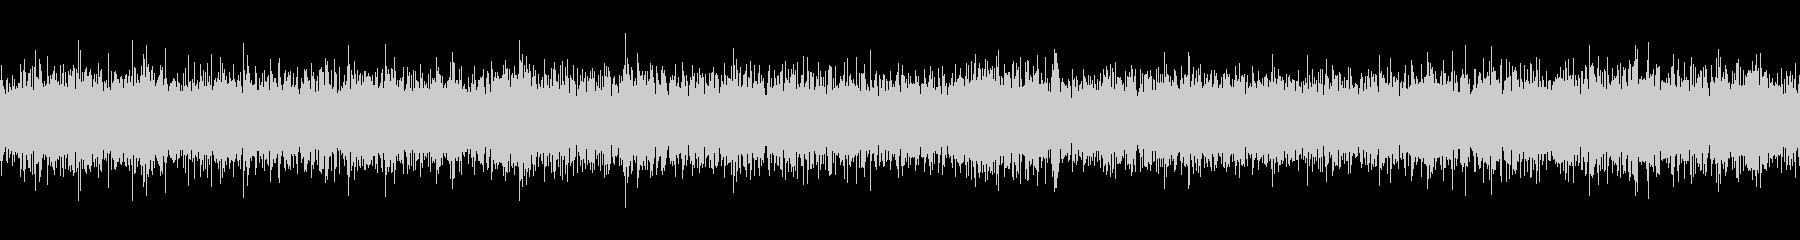 東京地下鉄の駅の環境音(ループ処理済)の未再生の波形